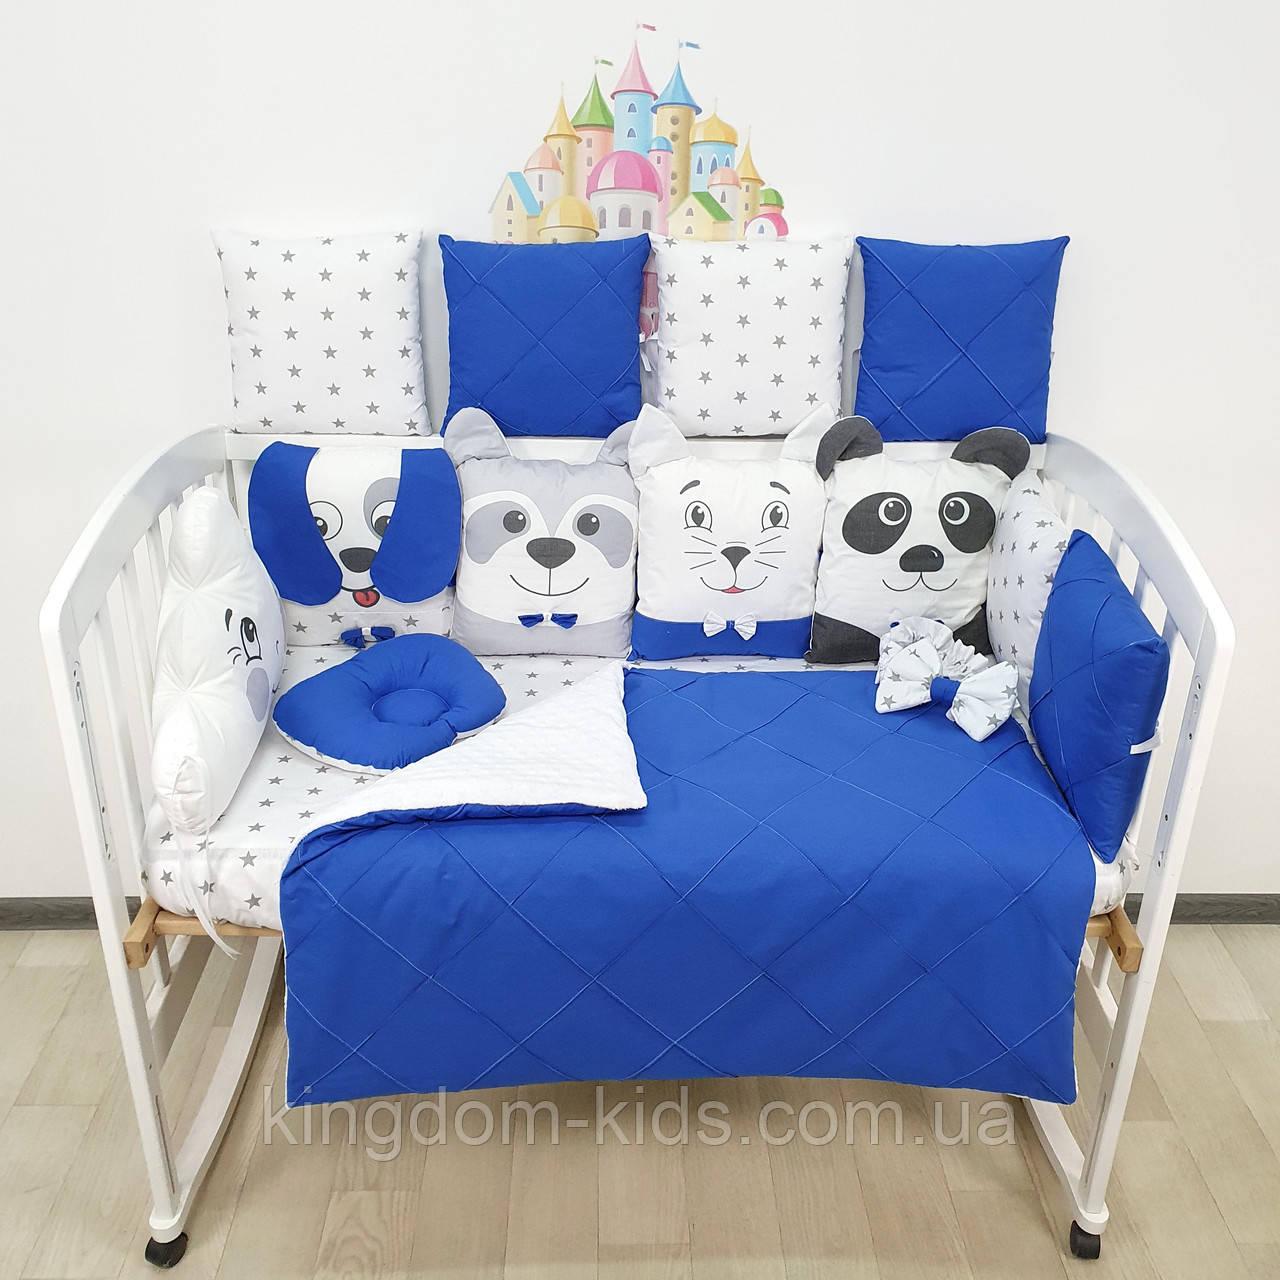 Комплект бортиков и постельного в кроватку с игрушками и облаком с бисерной строчкой в синих тонах